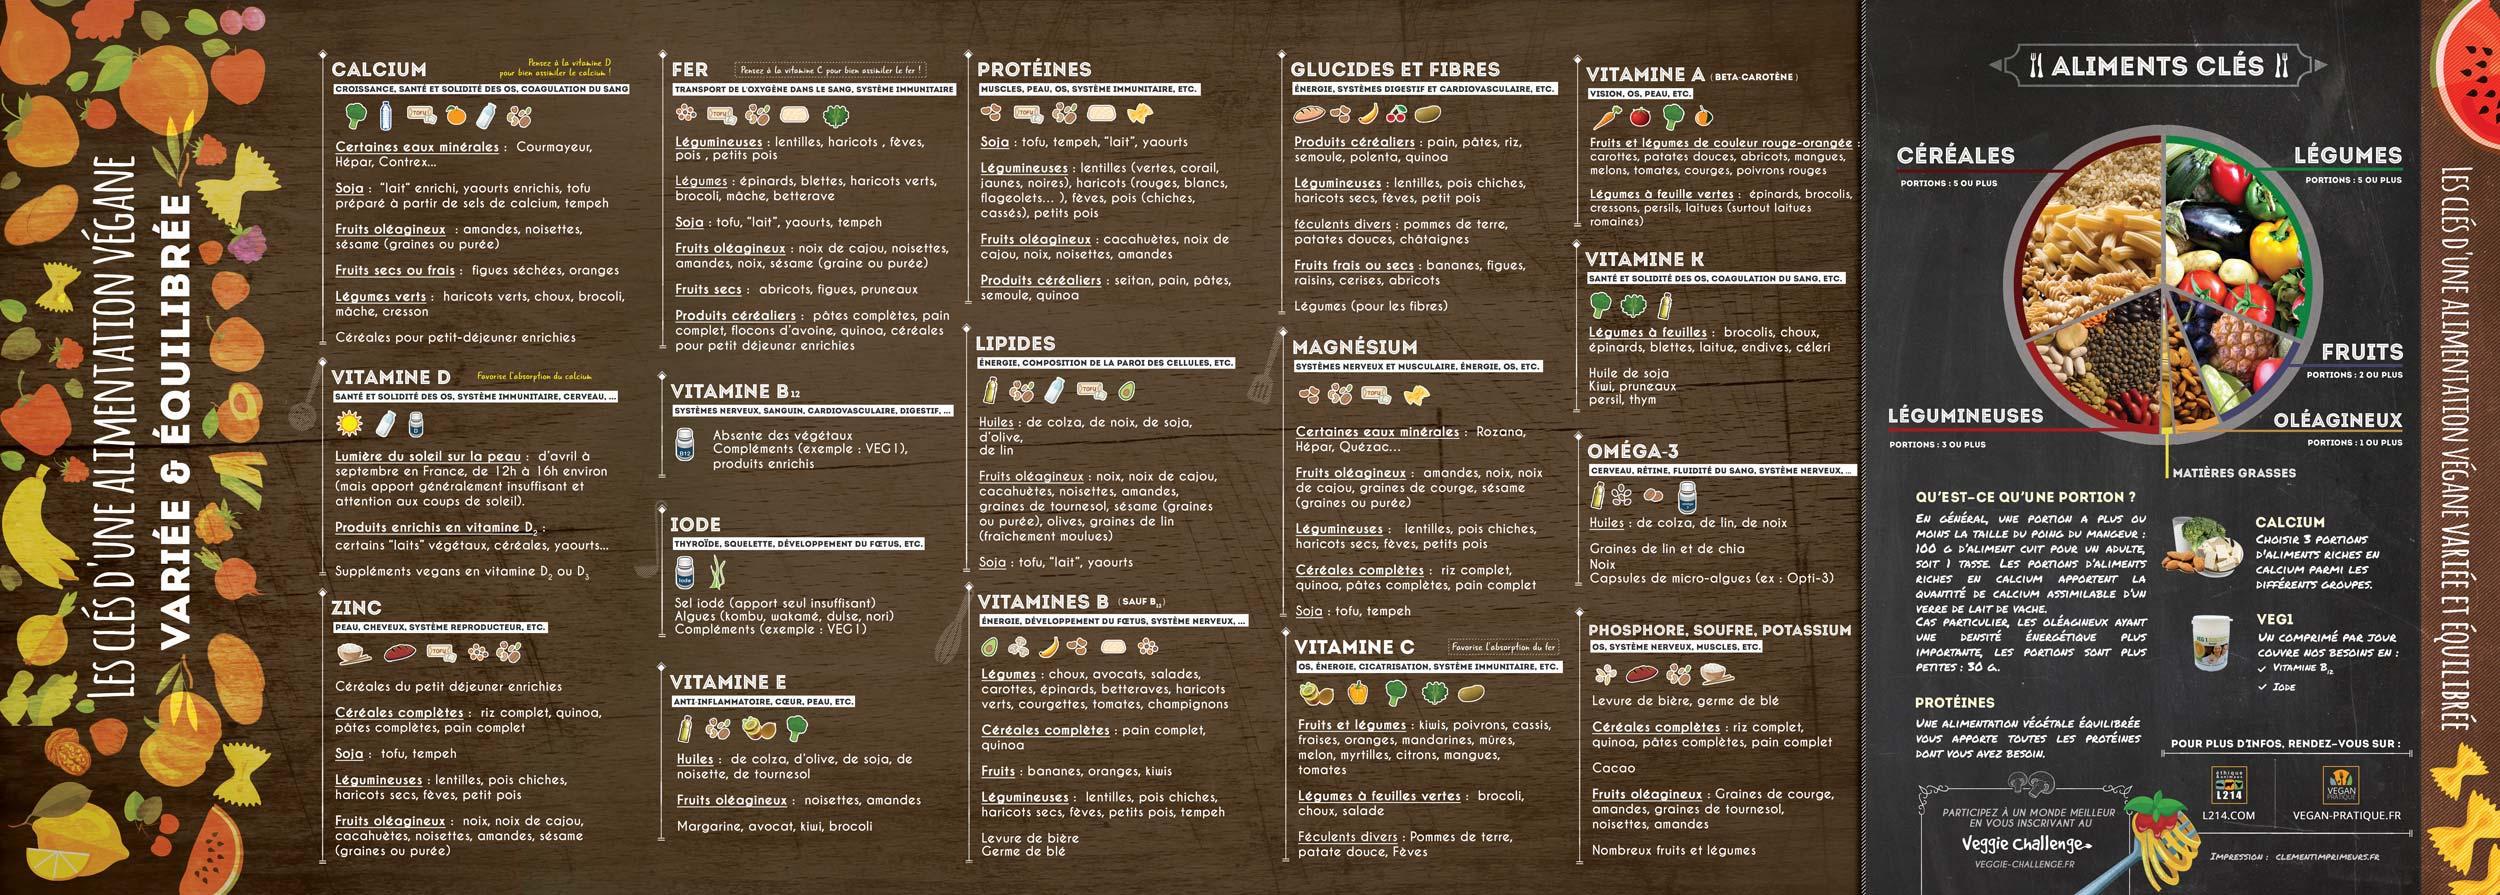 Tableau Nutritionnel Les Cles D Une Alimentation Vegane Variee Et Equilibree La Boutique De L214